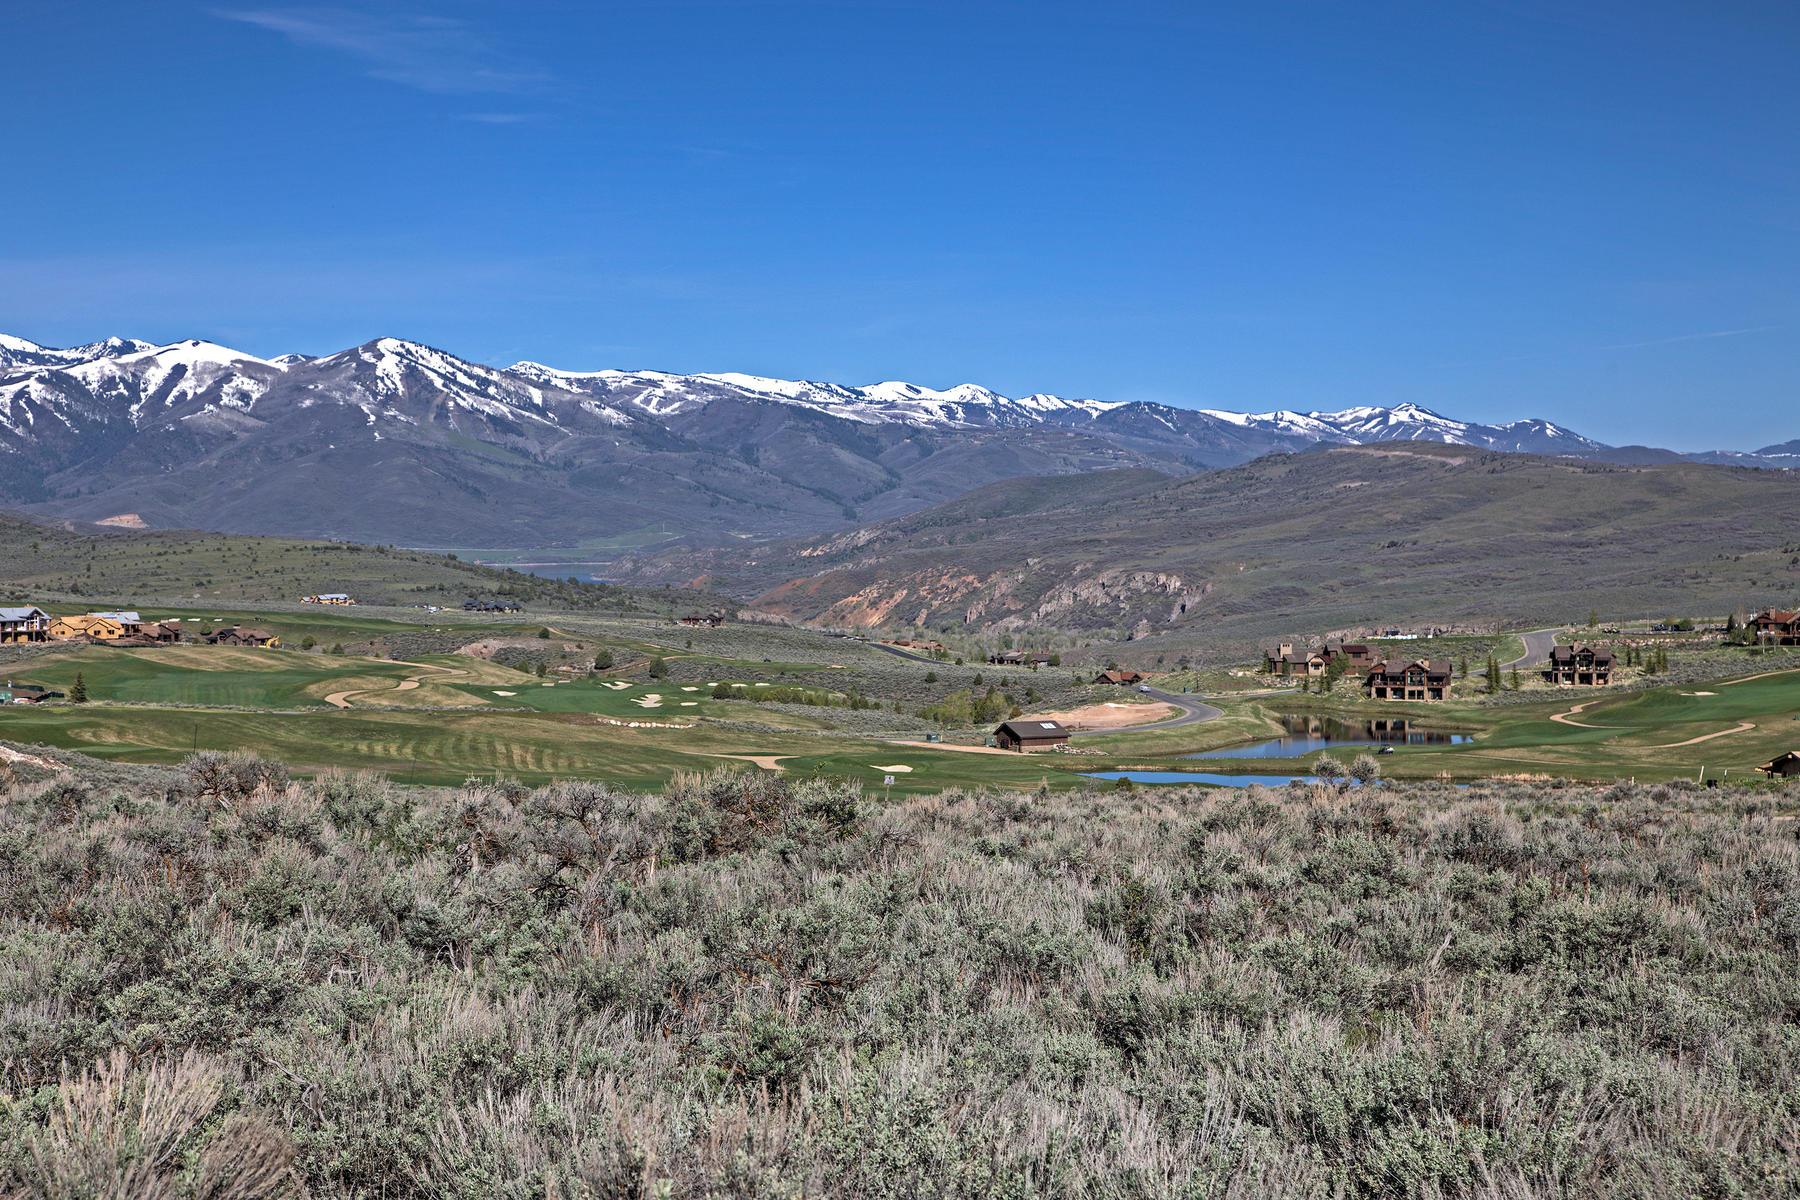 Đất đai vì Bán tại Coveted Jordanelle Water and Deer Valley Views 7205 E Evening Star Dr Lot 205 Heber City, Utah, 84032 Hoa Kỳ